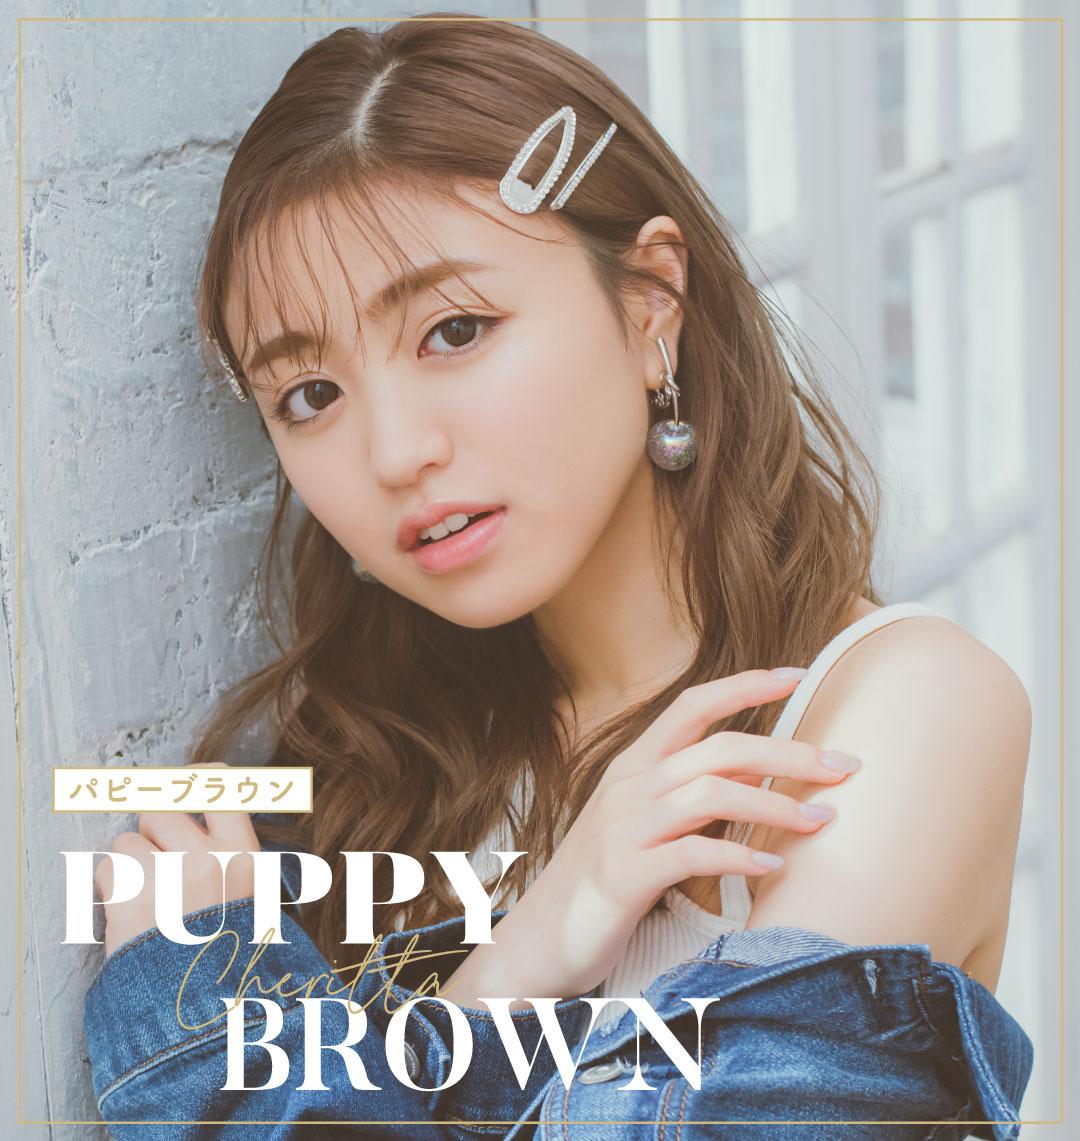 puppy brown(パピーブラウン)